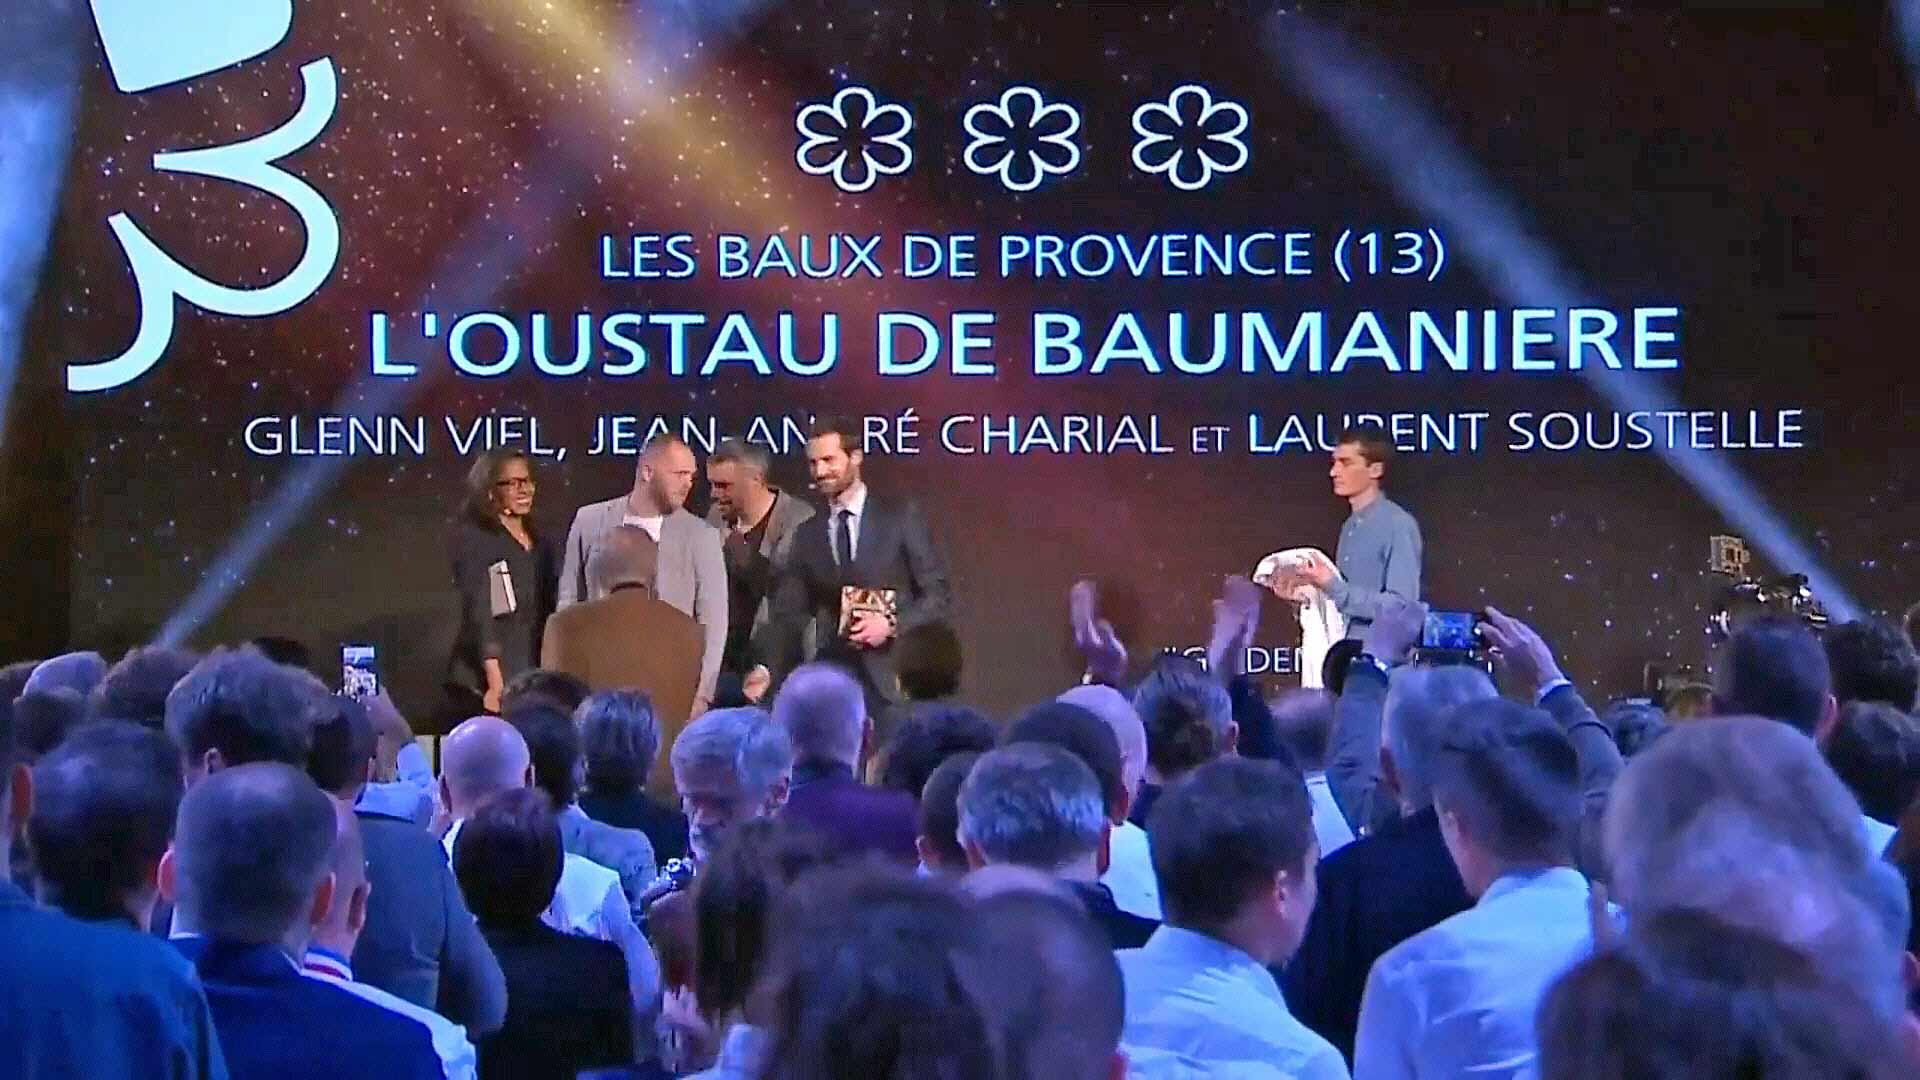 L'Oustau de Beaumanière, 3 étoiles après une parenthèse de 30 années